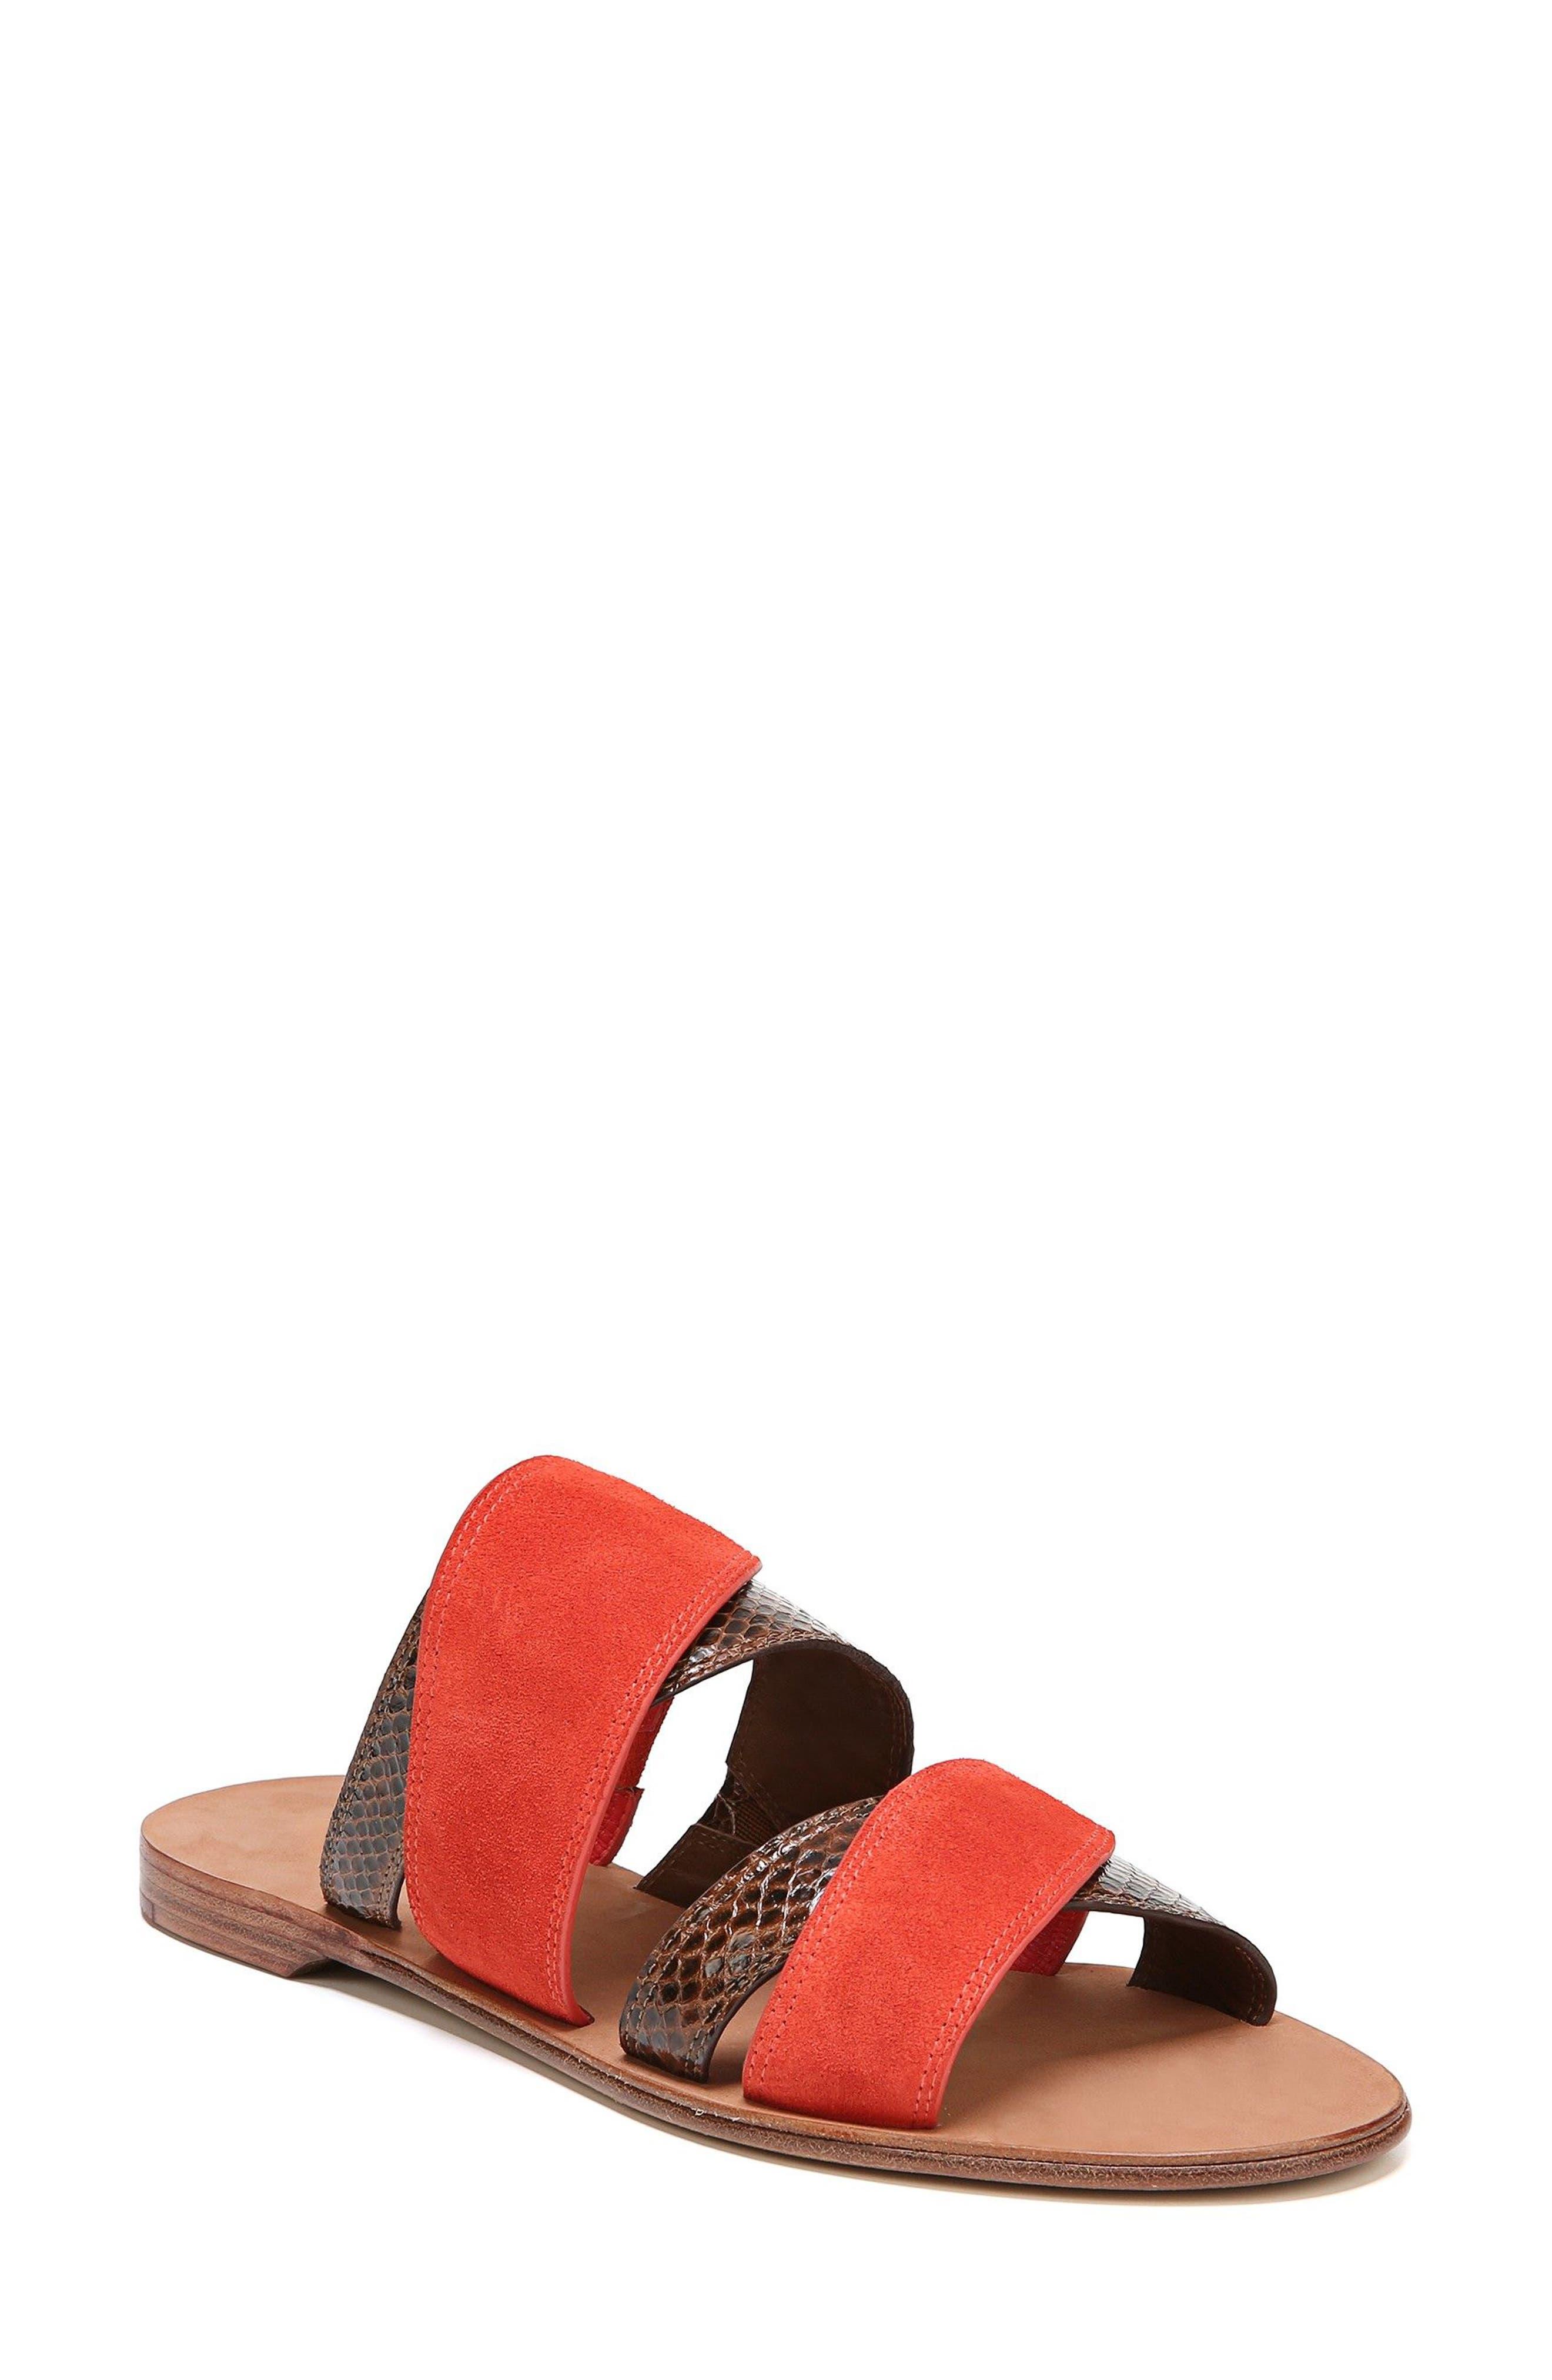 Blake Cross Strap Slide Sandal,                         Main,                         color, Caramel/ Red